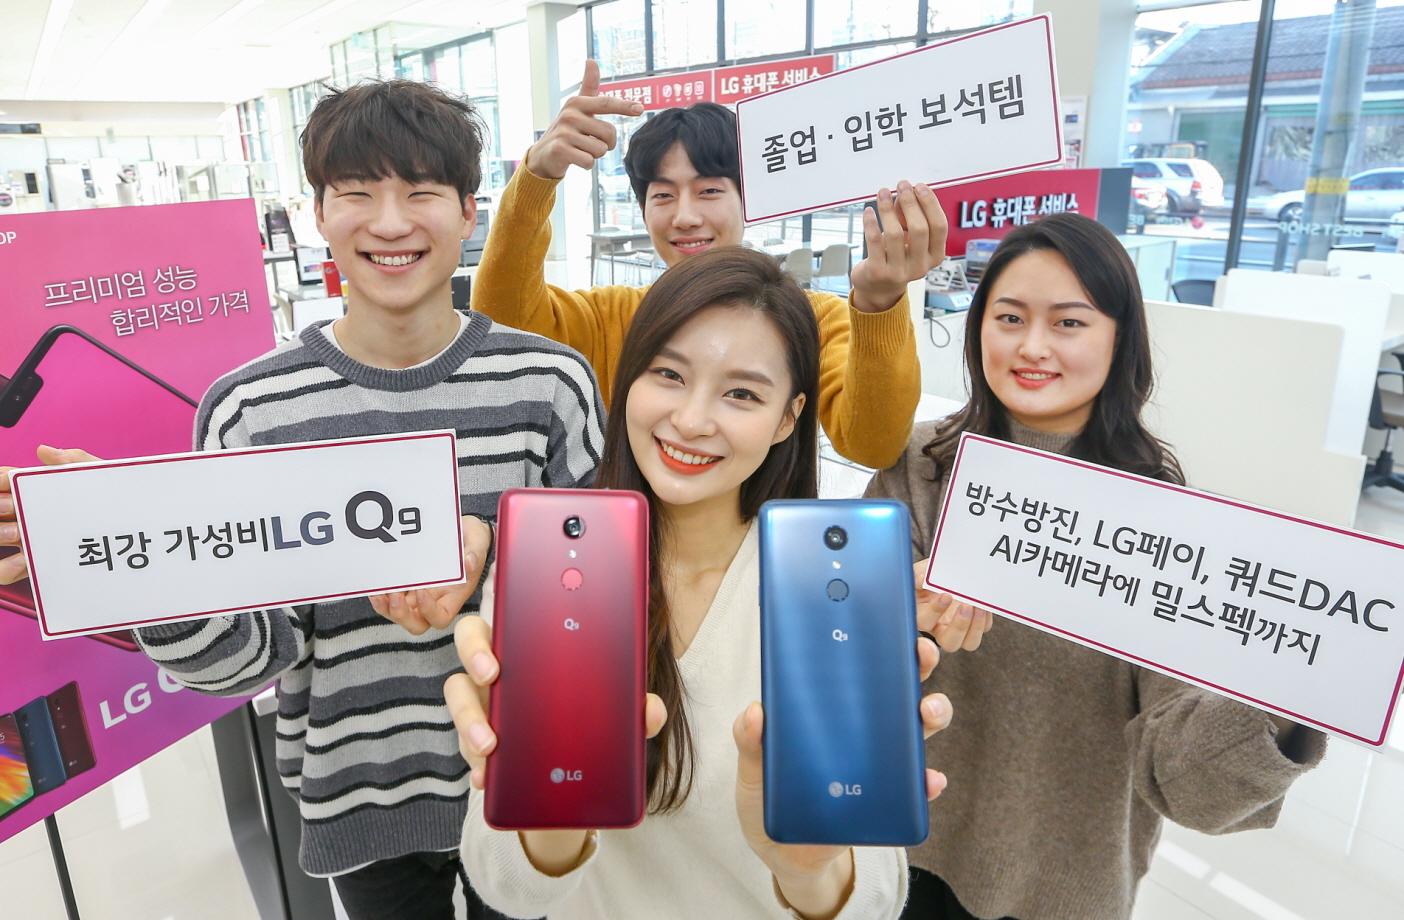 LG전자가 11일부터 17일까지 일주일간 진행한 LG Q9 체험단 응모 행사의 경쟁률이 100 대 1을 기록하며 인기를 끌었다. LG Q9은 40만 원대 가격에도 다양한 편의 기능들과 탄탄한 내구성이 입소문을 타면서 졸업·입학 시즌을 앞두고 실속 있는 선물을 직접 체험해 보고 고르겠다는 고객들의 지원이 이어졌다.18일 모델이 서울 양천구에 위치한 LG베스트샵에서 LG Q9을 소개하고 있다.